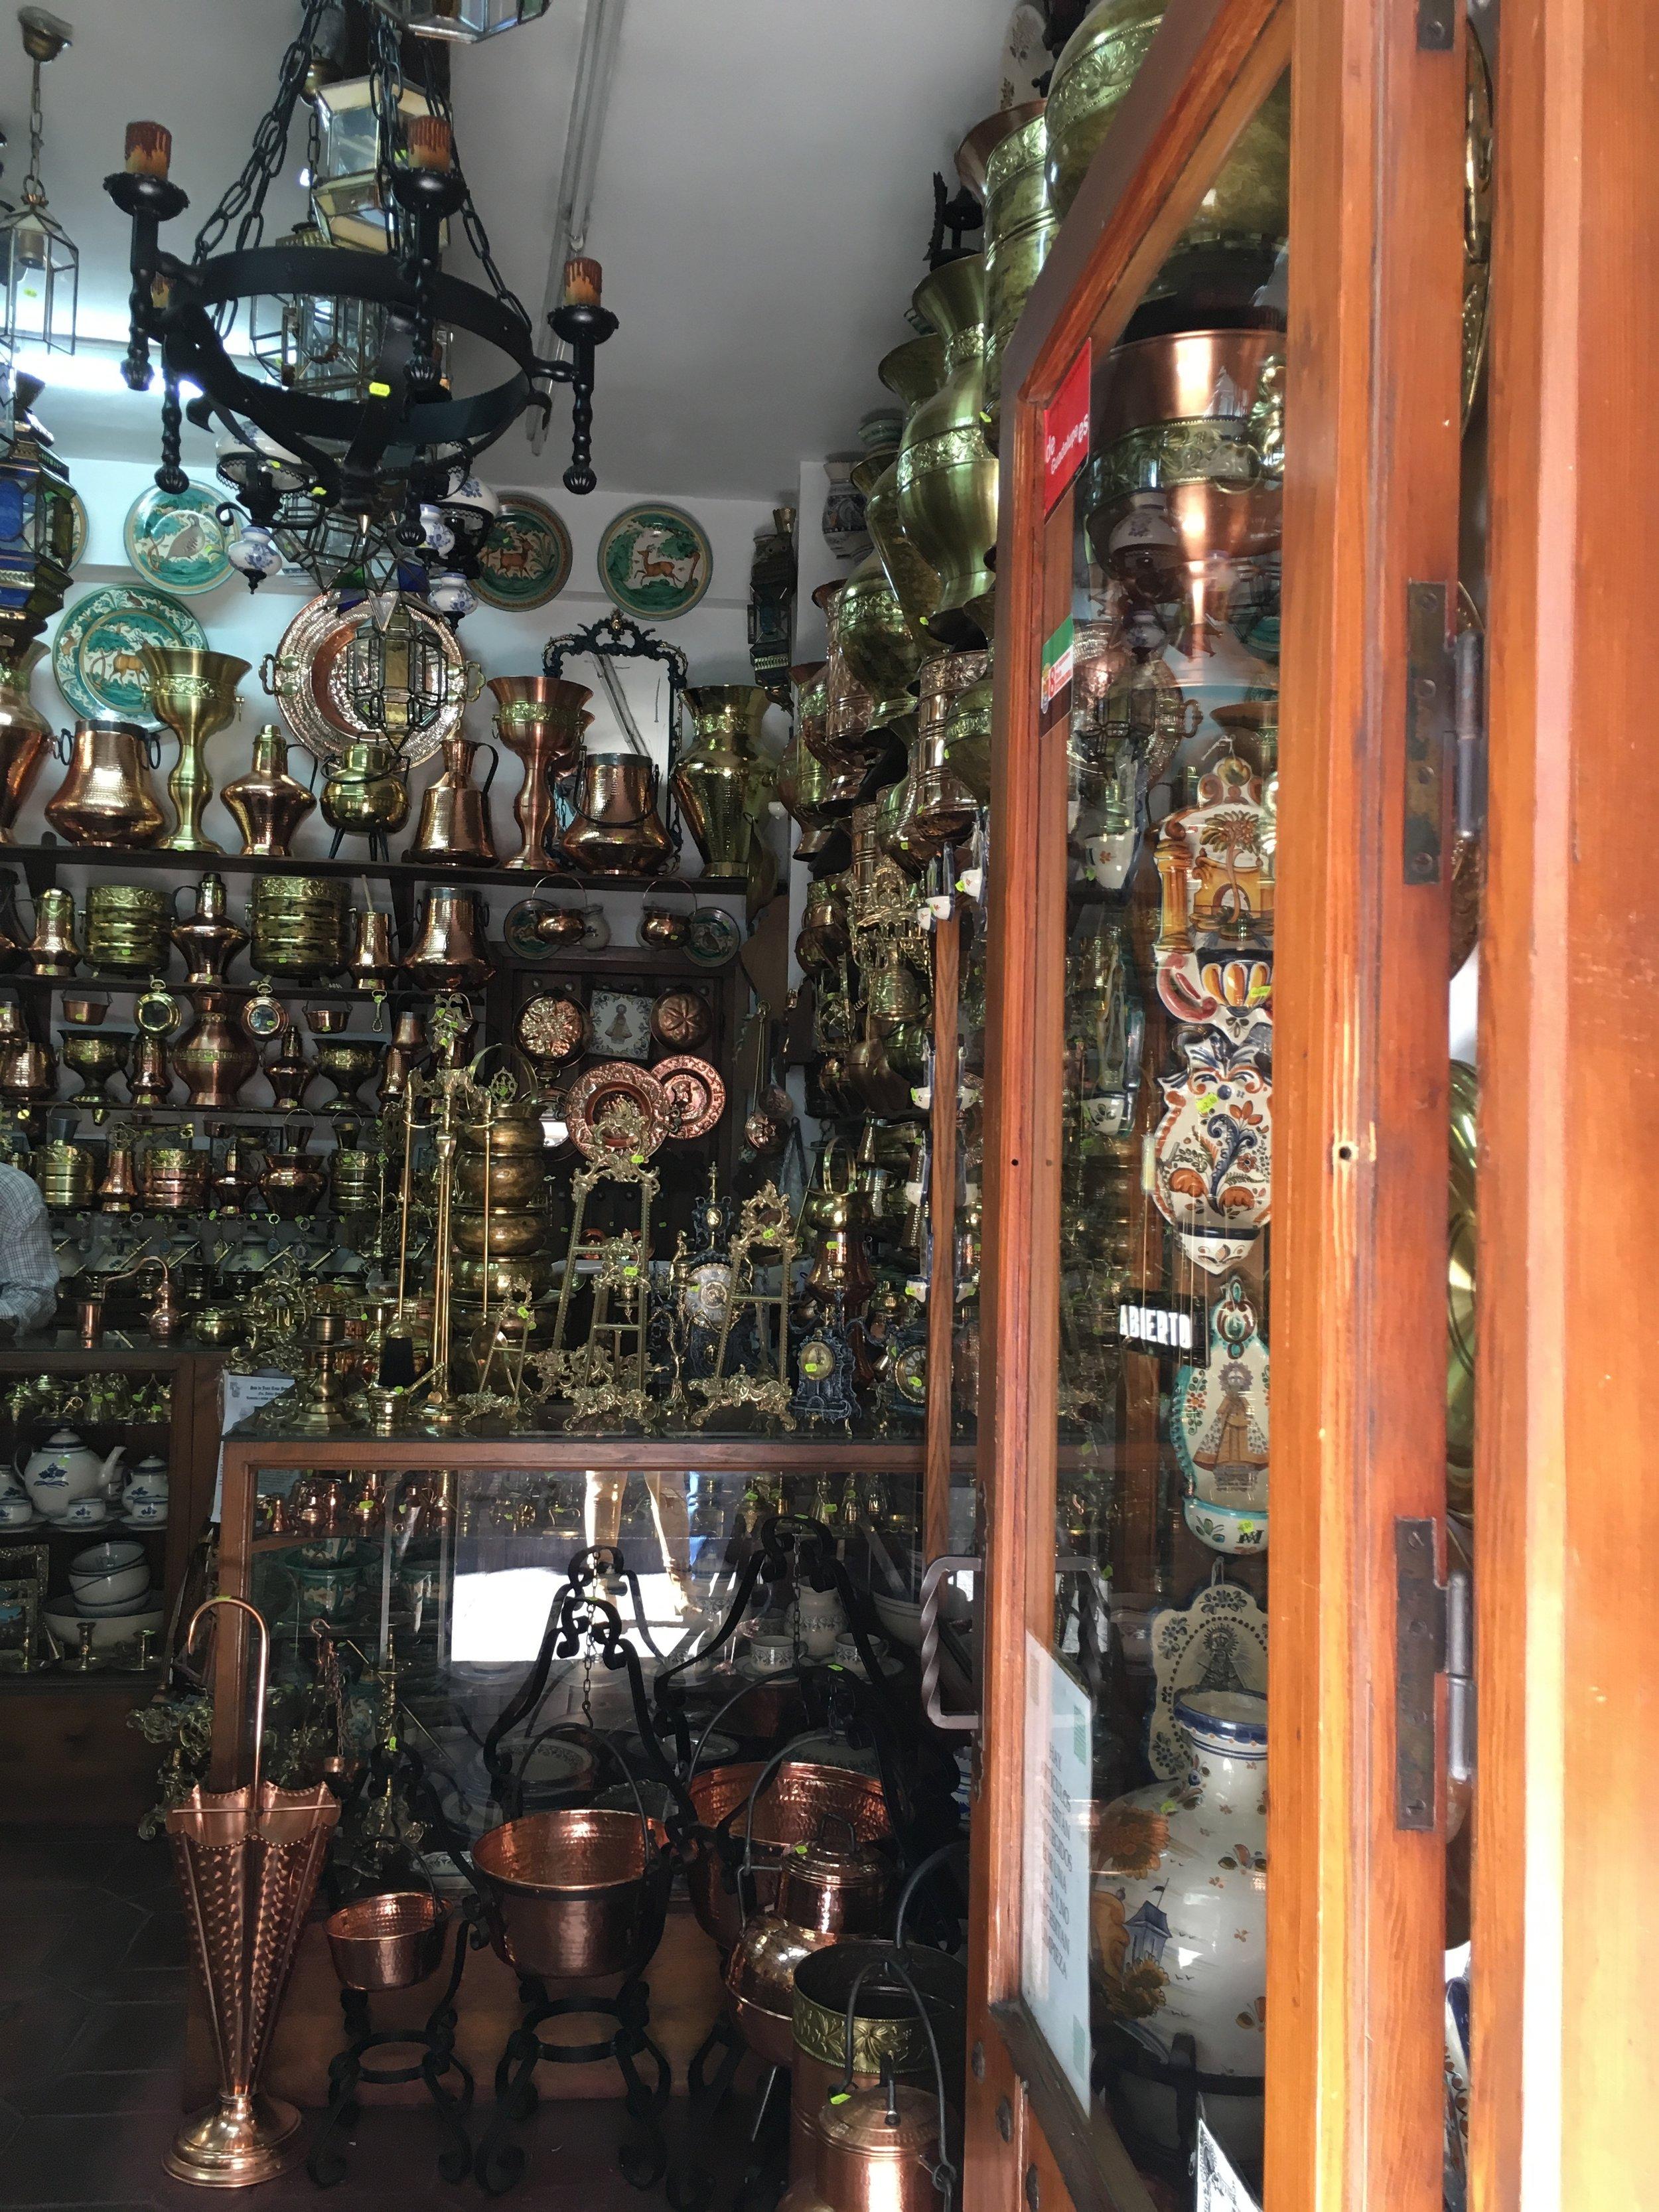 Typical shop in Guadalupe/ Tienda típica de Guadalupe